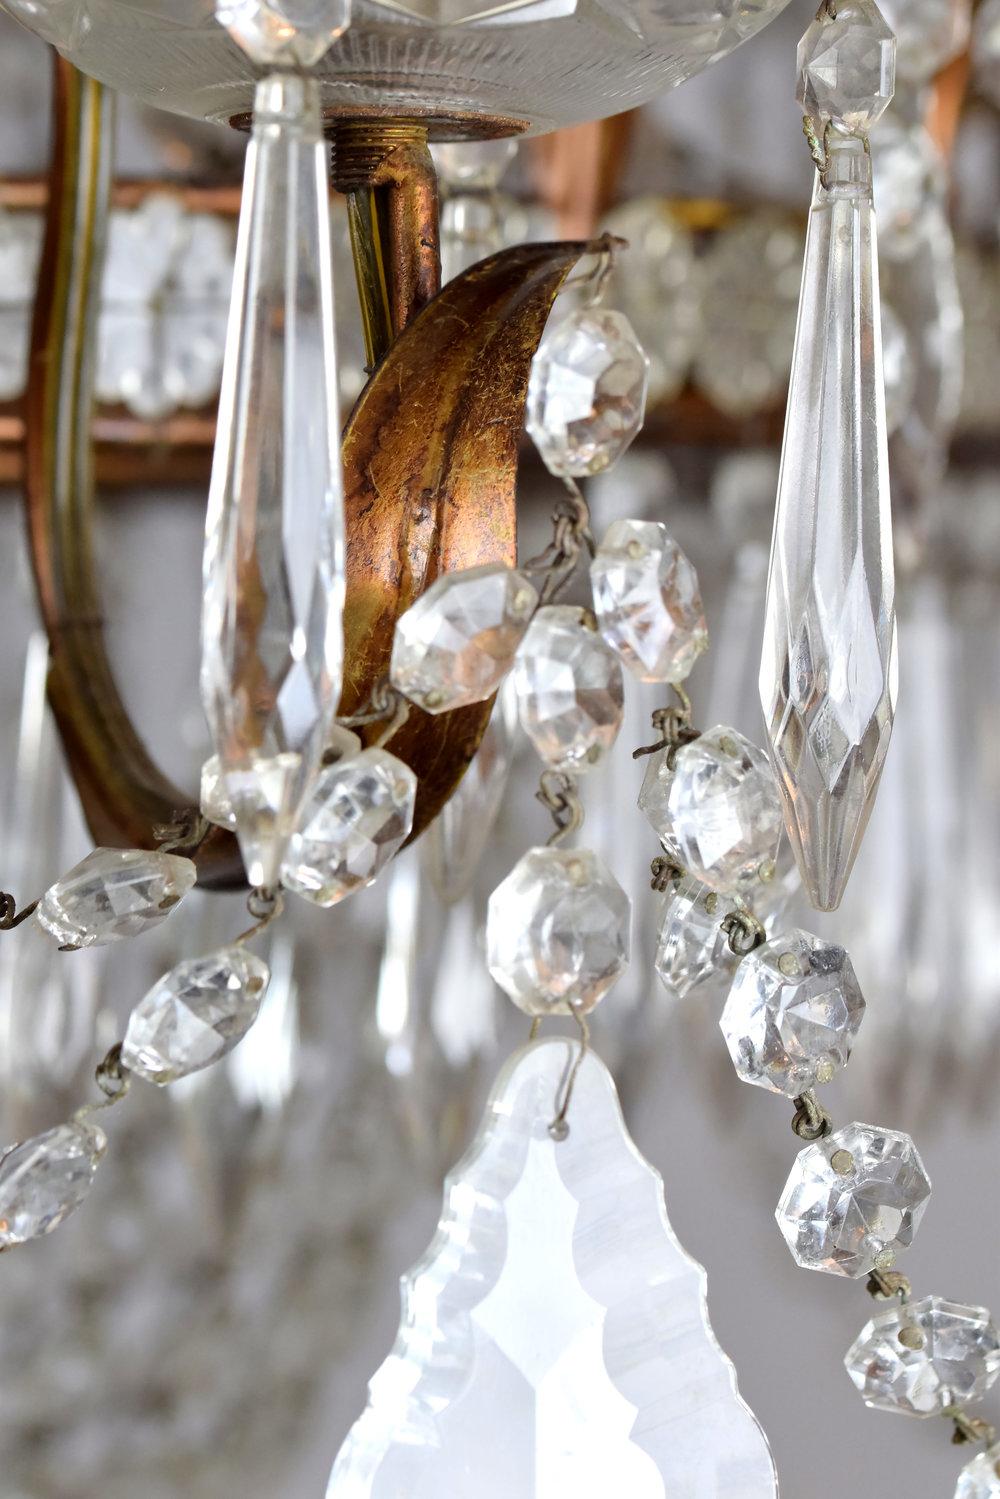 47666-12-light-crystal-chandelier-metal-arm.jpg